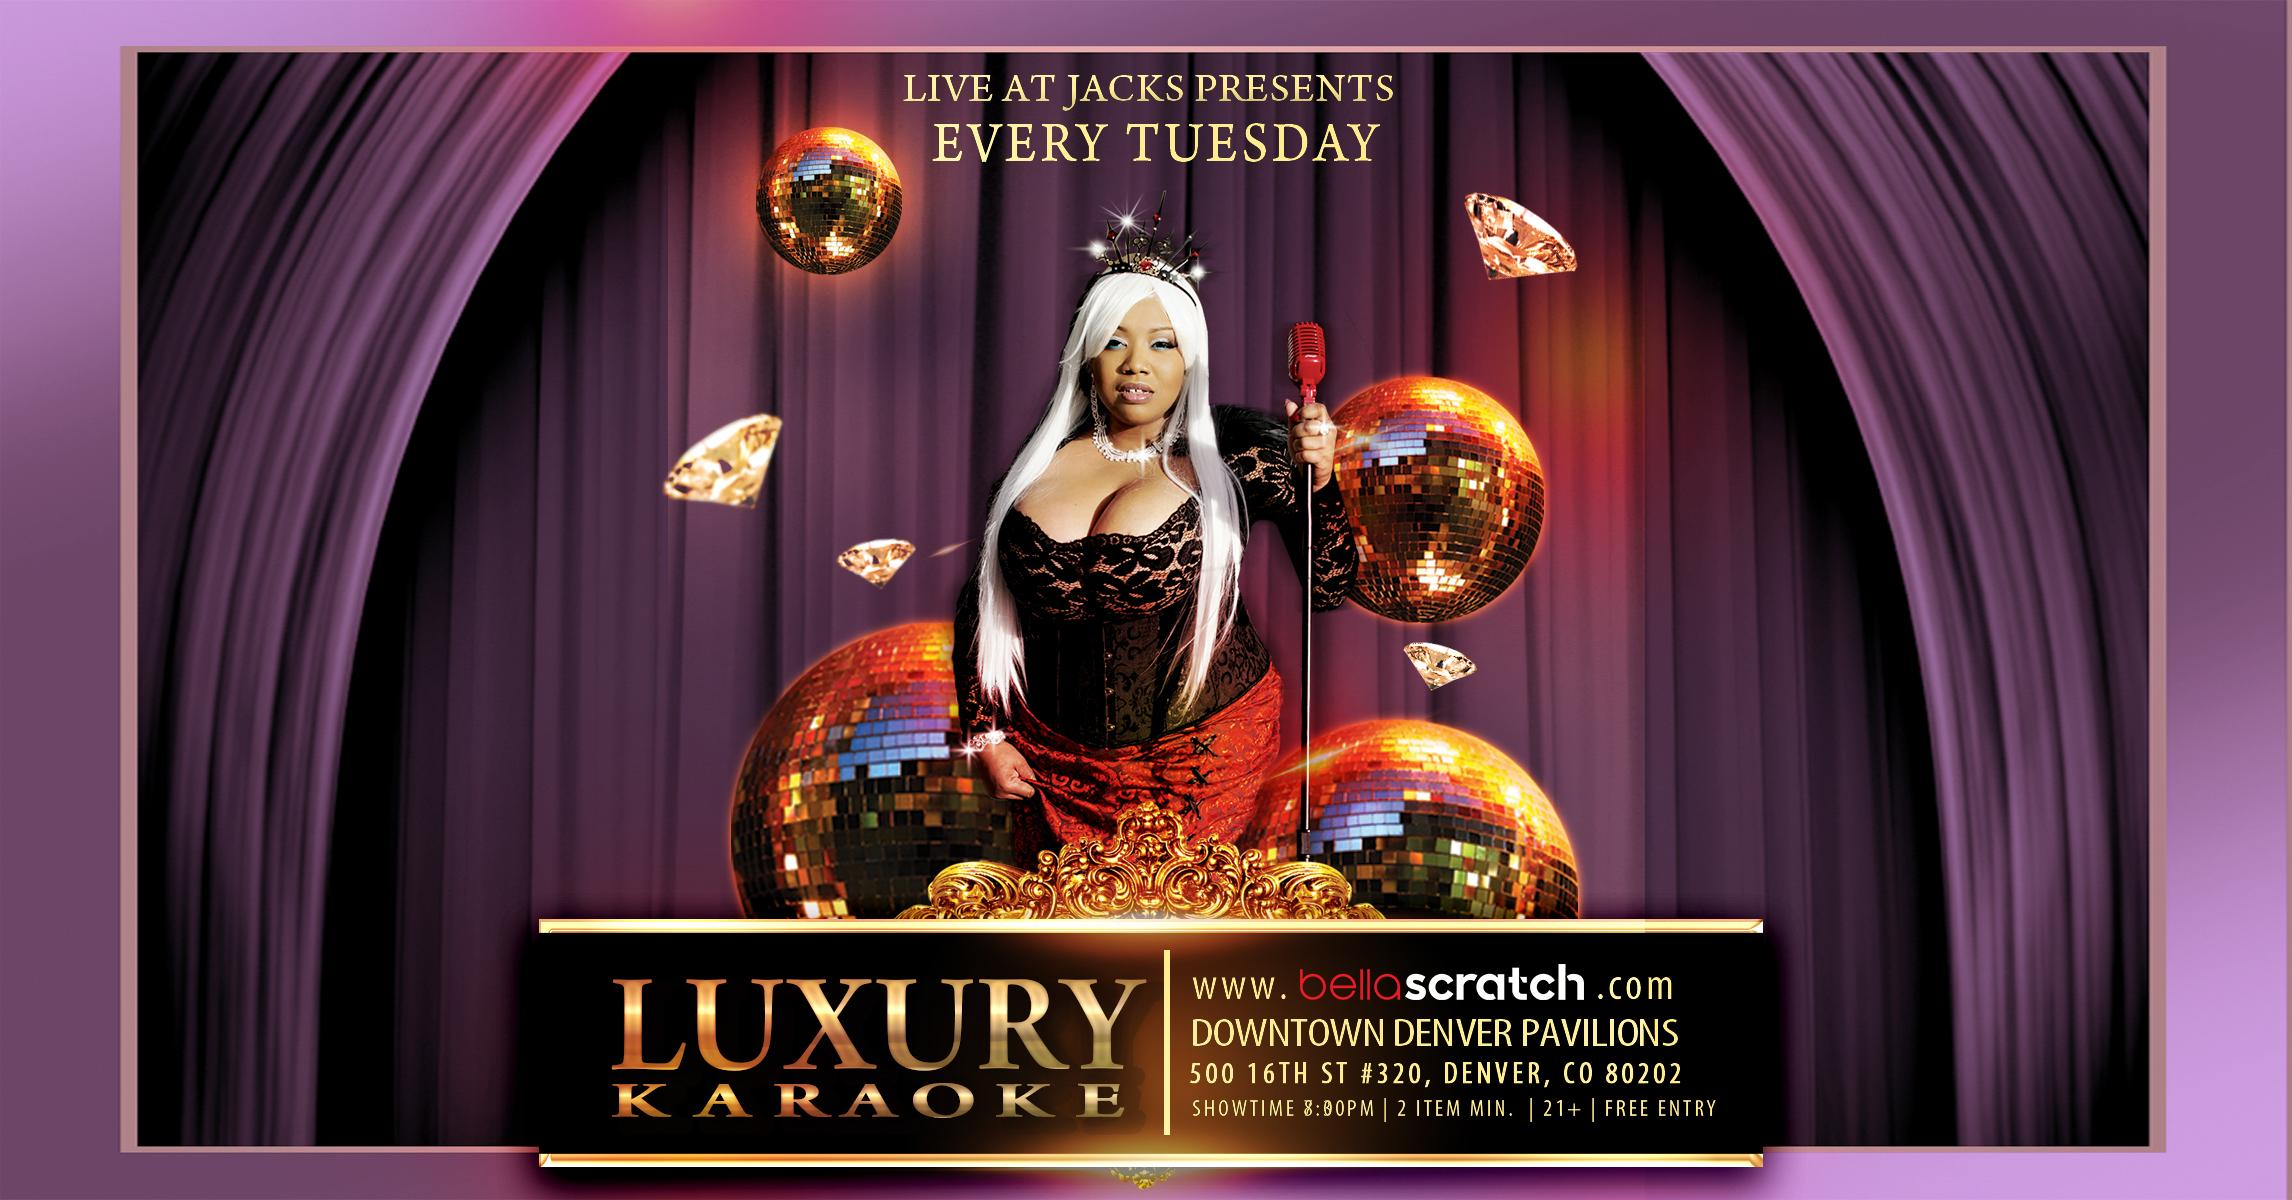 Luxury Karaoke